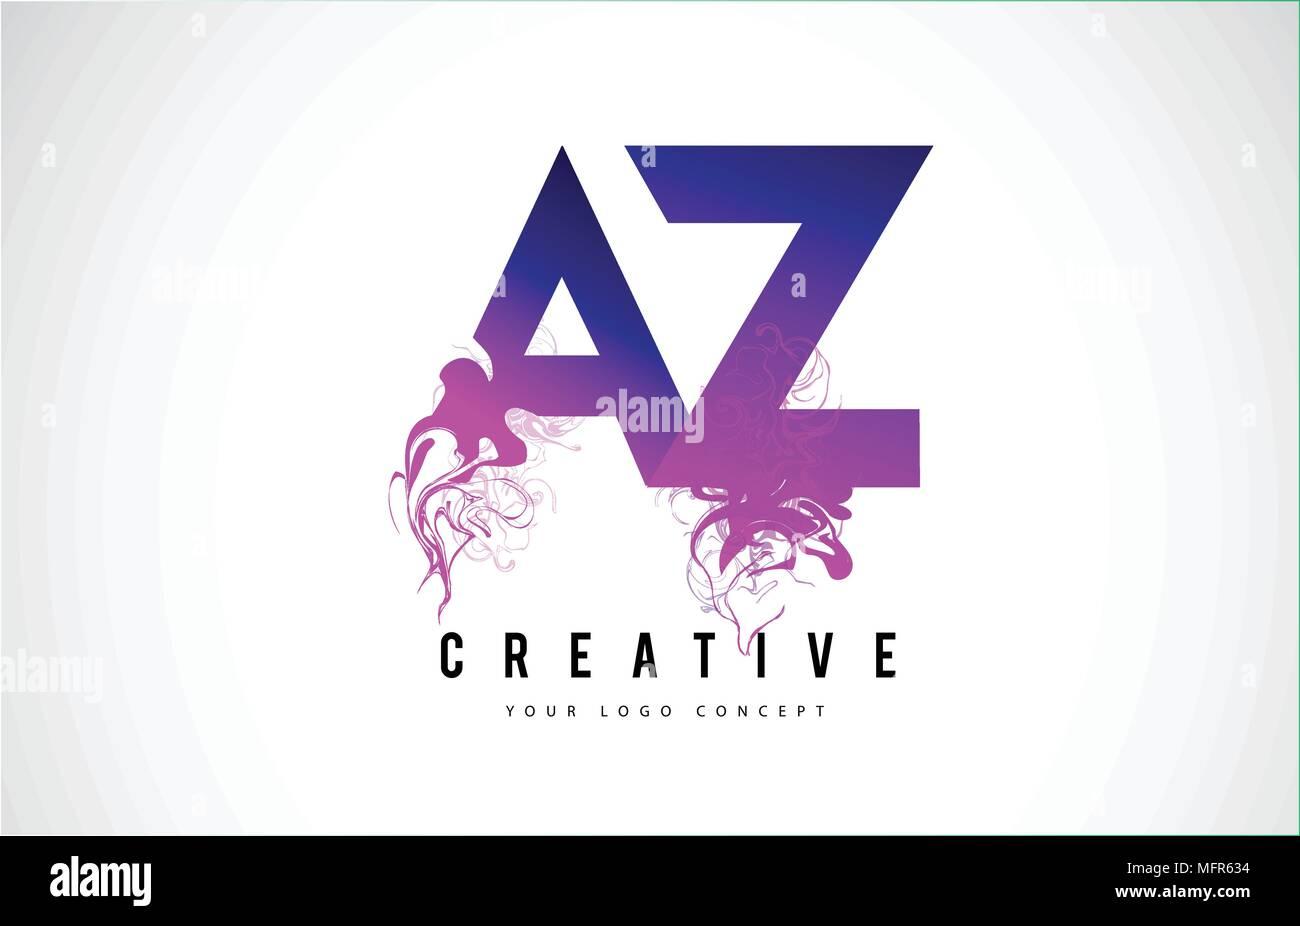 az a z purple letter logo design with creative liquid effect flowing